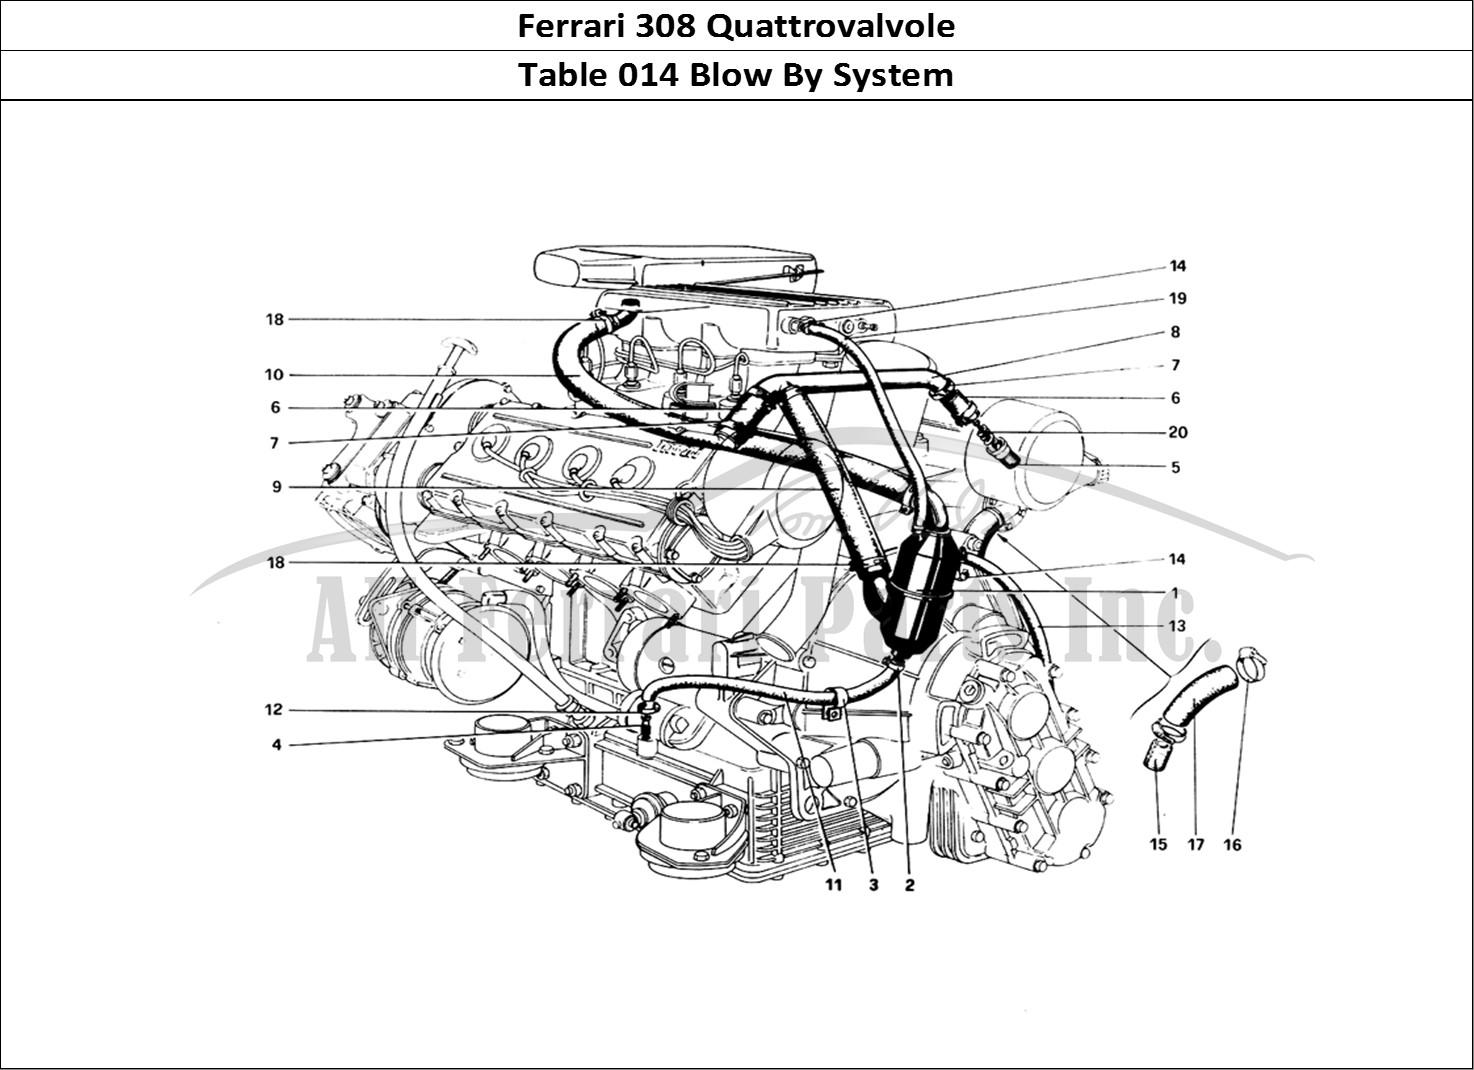 Buy original Ferrari 308 Quattrovalvole 014 Blow By System